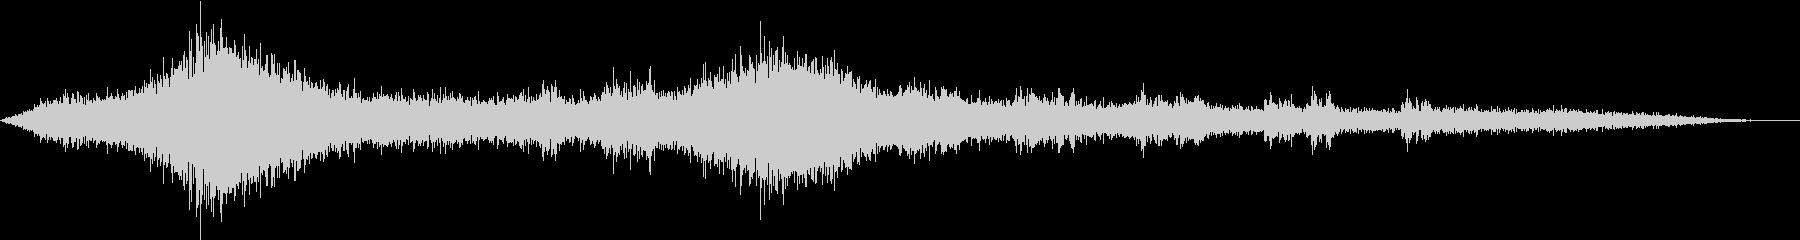 【生録音】車や電車が行き交う高架下の音の未再生の波形